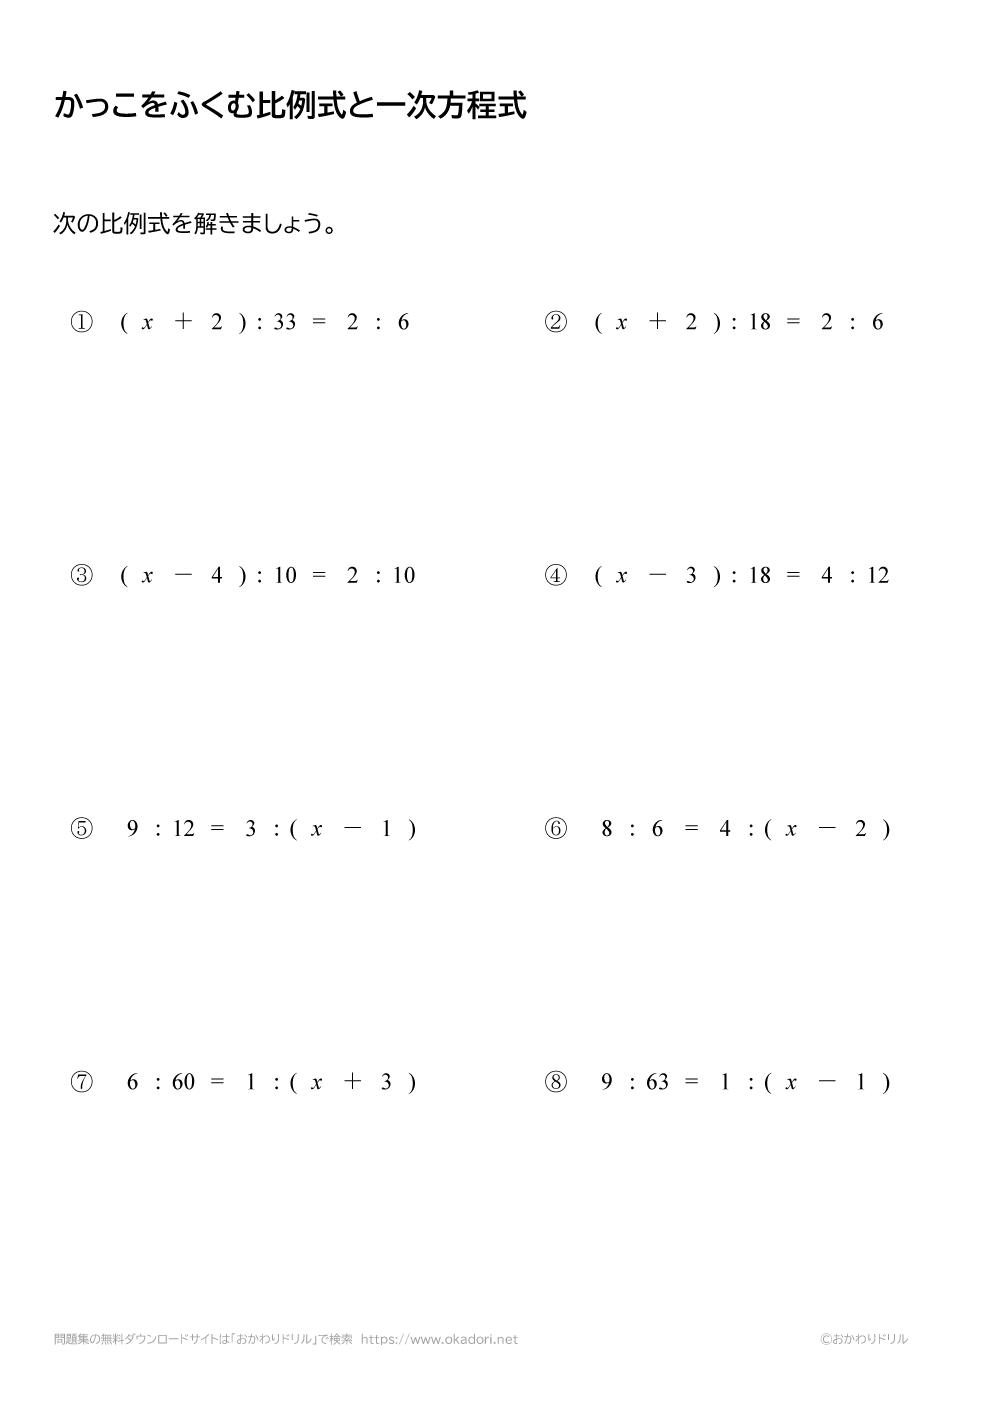 かっこを含む比例式と一次方程式6